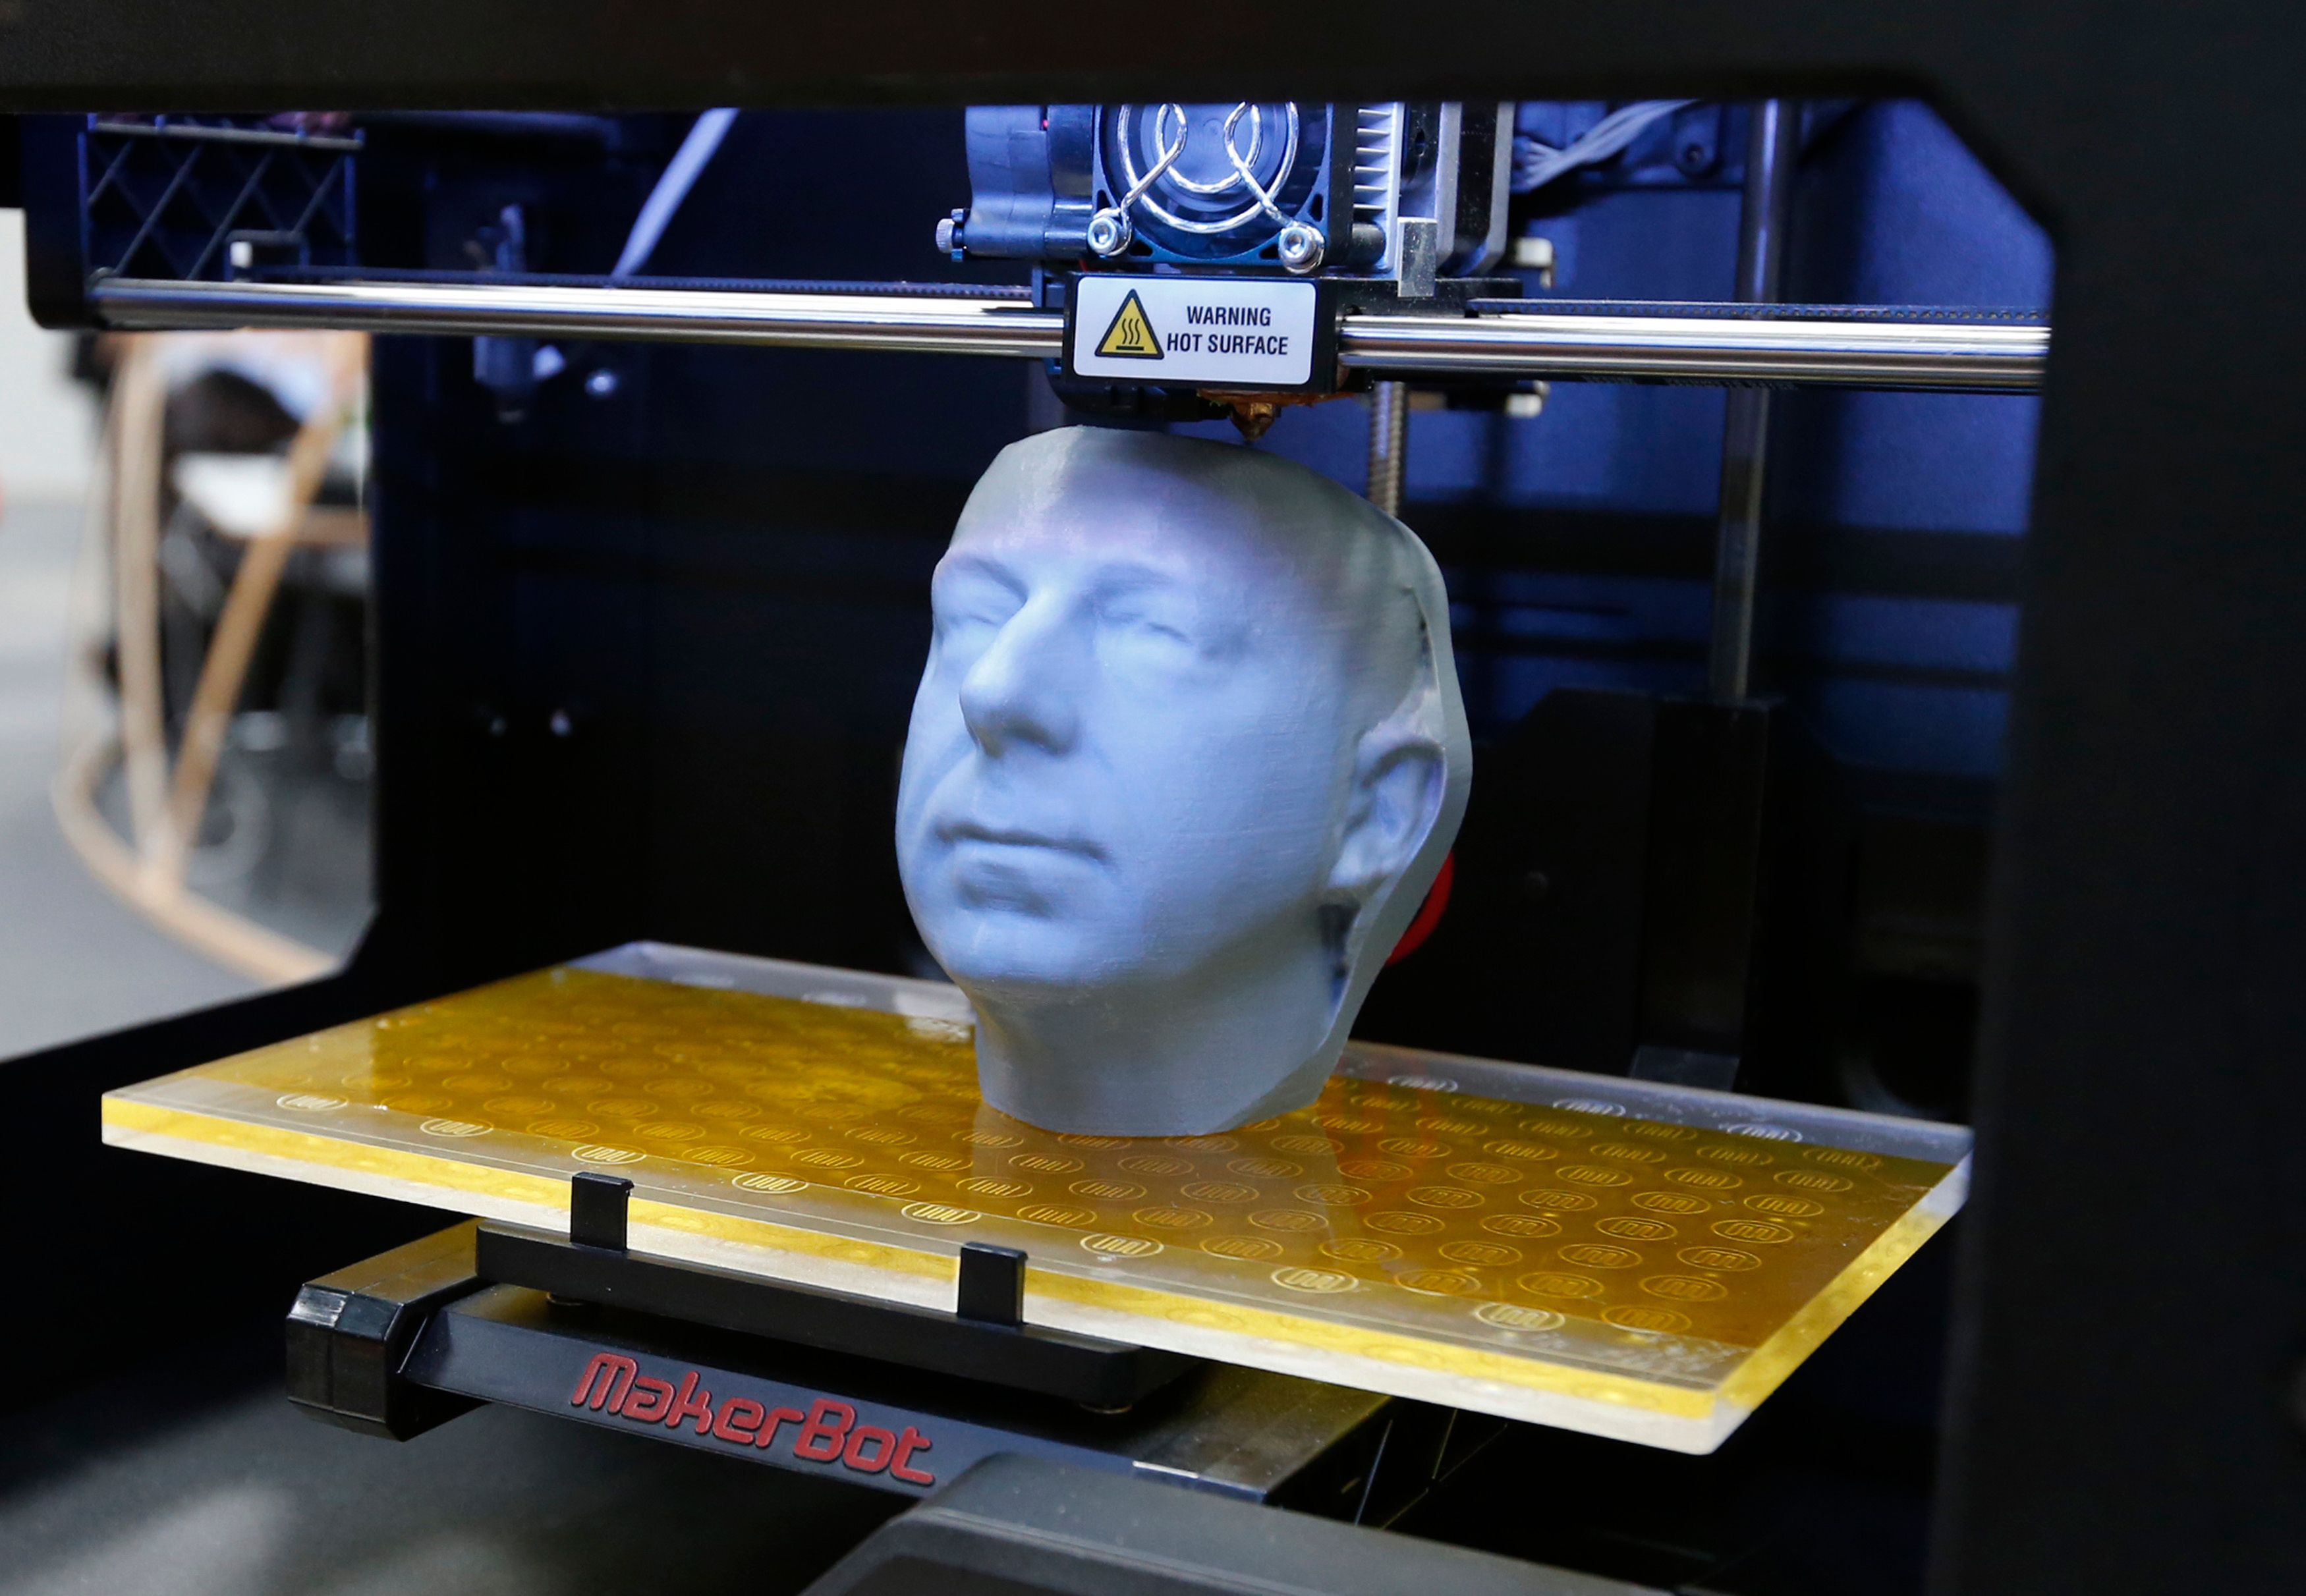 L'imprimante 3D fait son apparition dans les catalogues des cadeaux de noël.